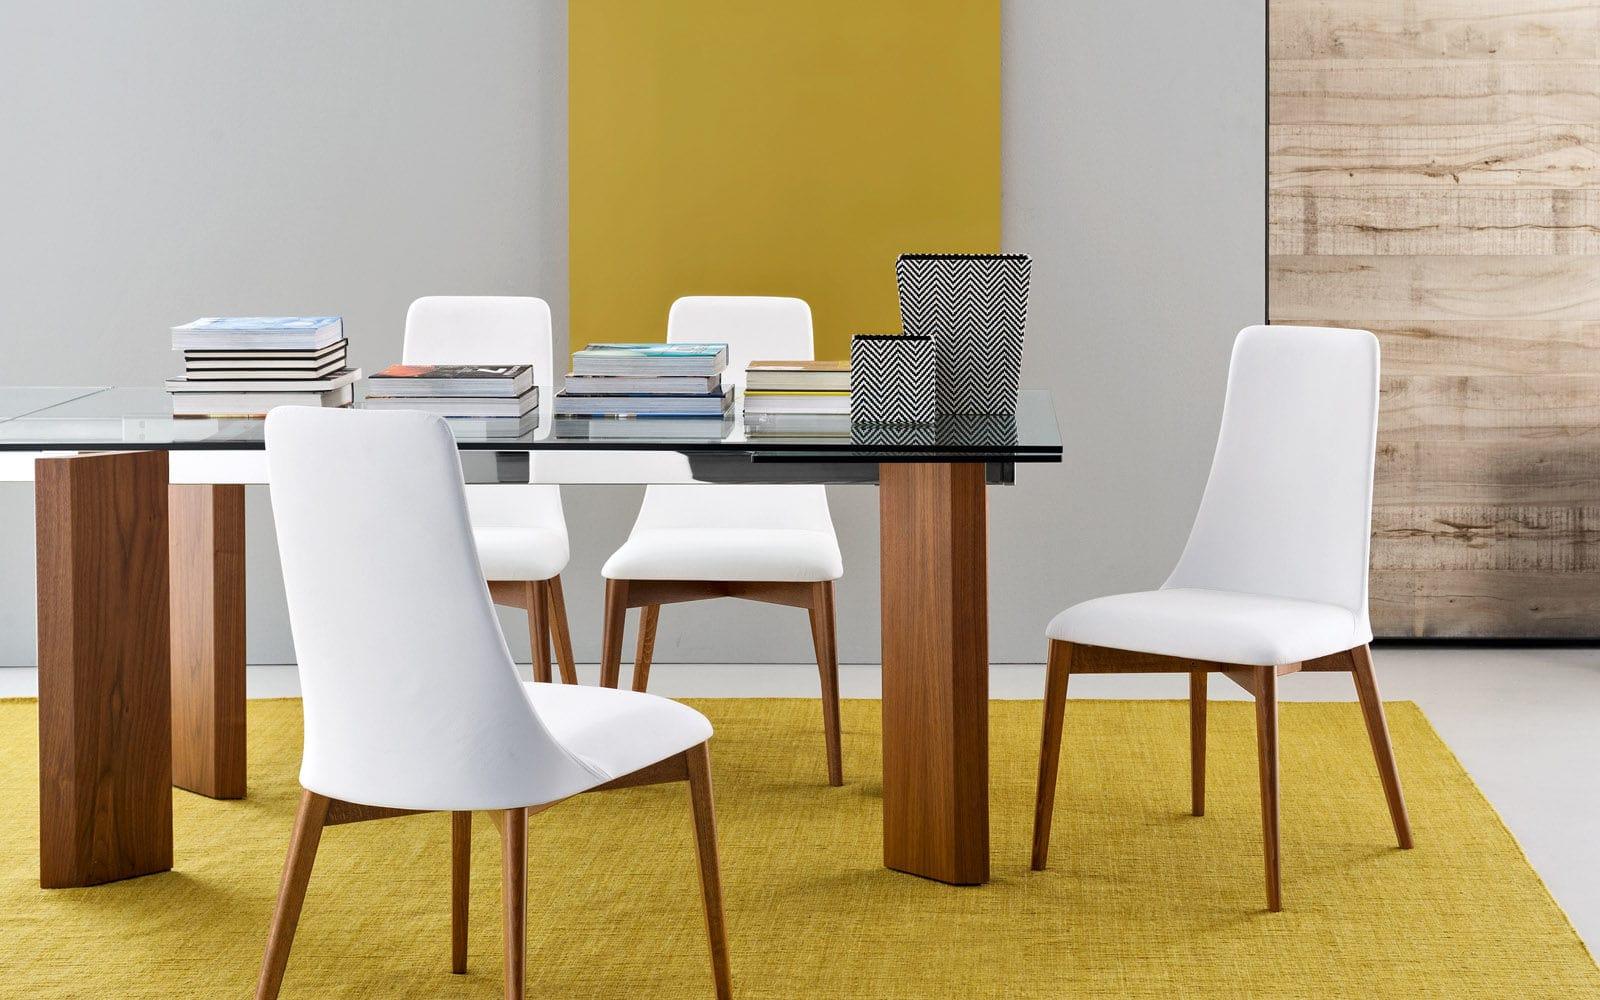 ... chaise contemporaine   tapissée   avec dossier haut   en frêne ... 791ab467fd3c